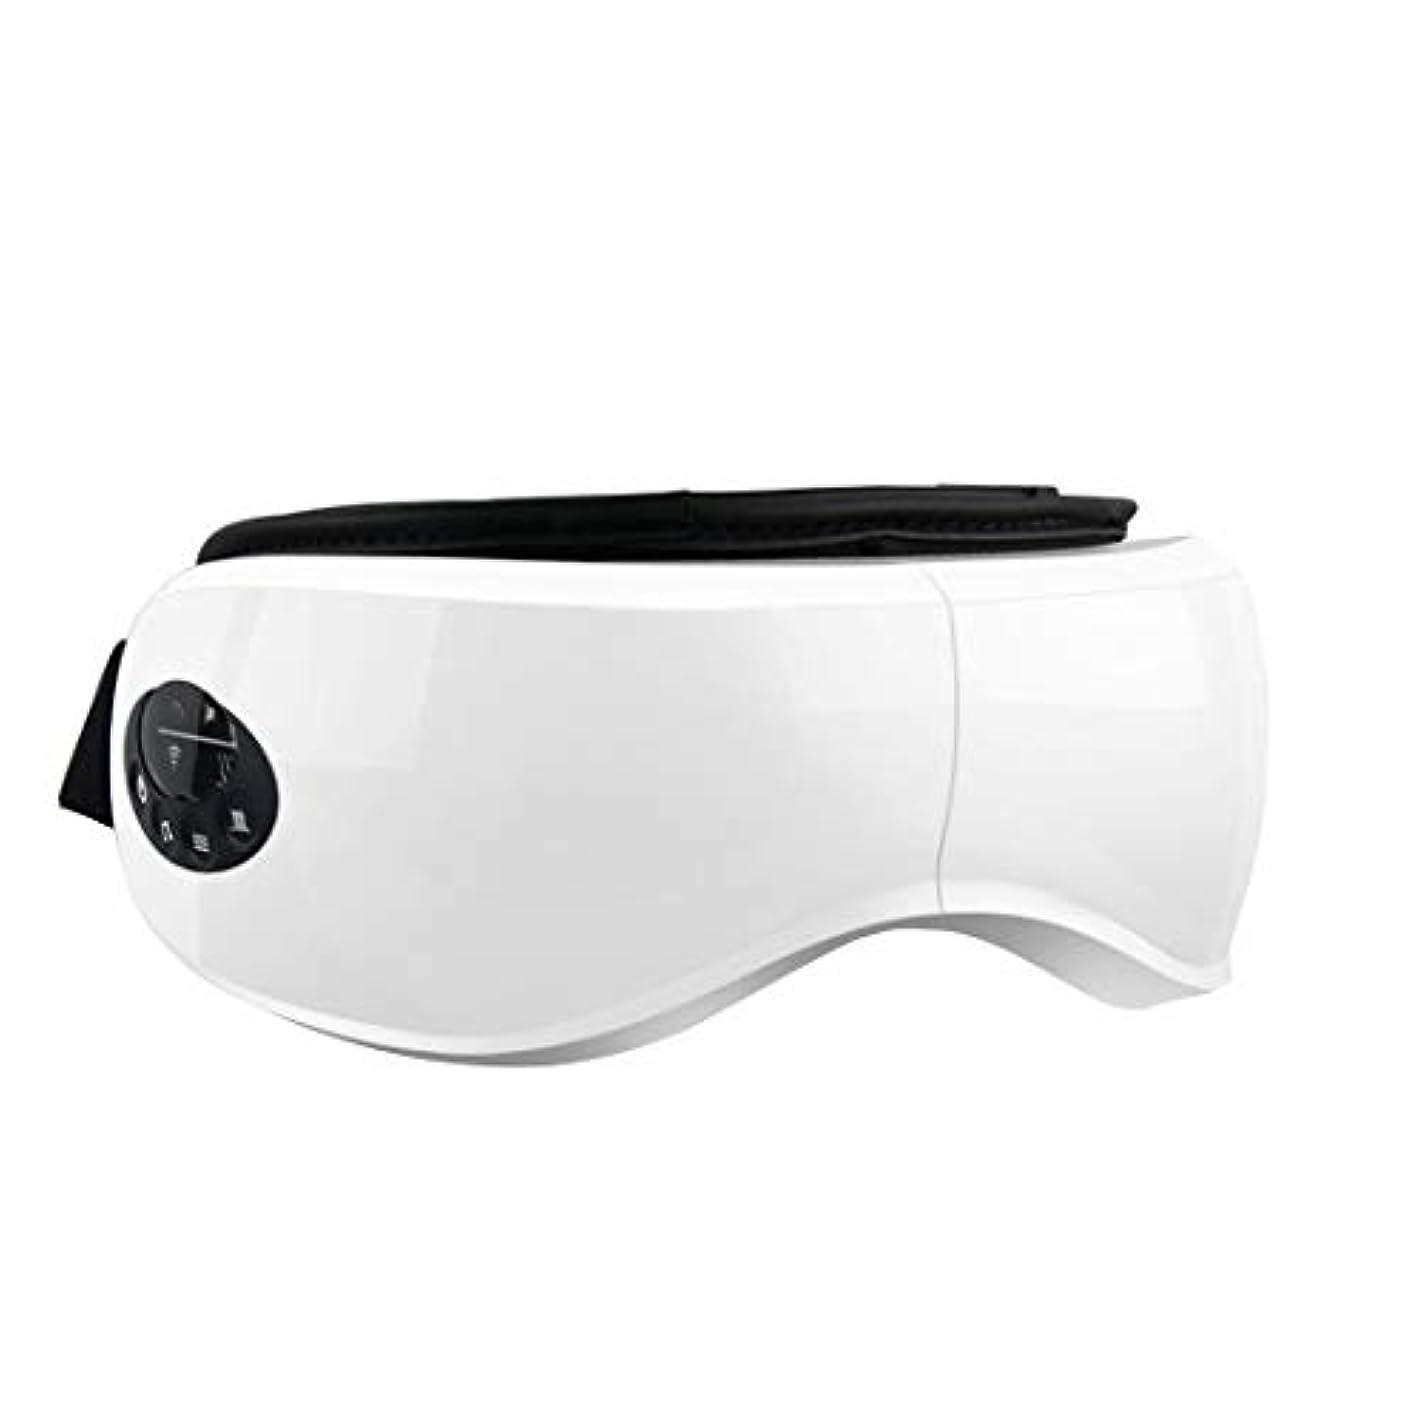 ポーン探す寝具方朝日スポーツ用品店 空気圧振動を伴う電気アイテンプルマッサージアイリラックス視力治療のための熱圧迫ストレス疲労